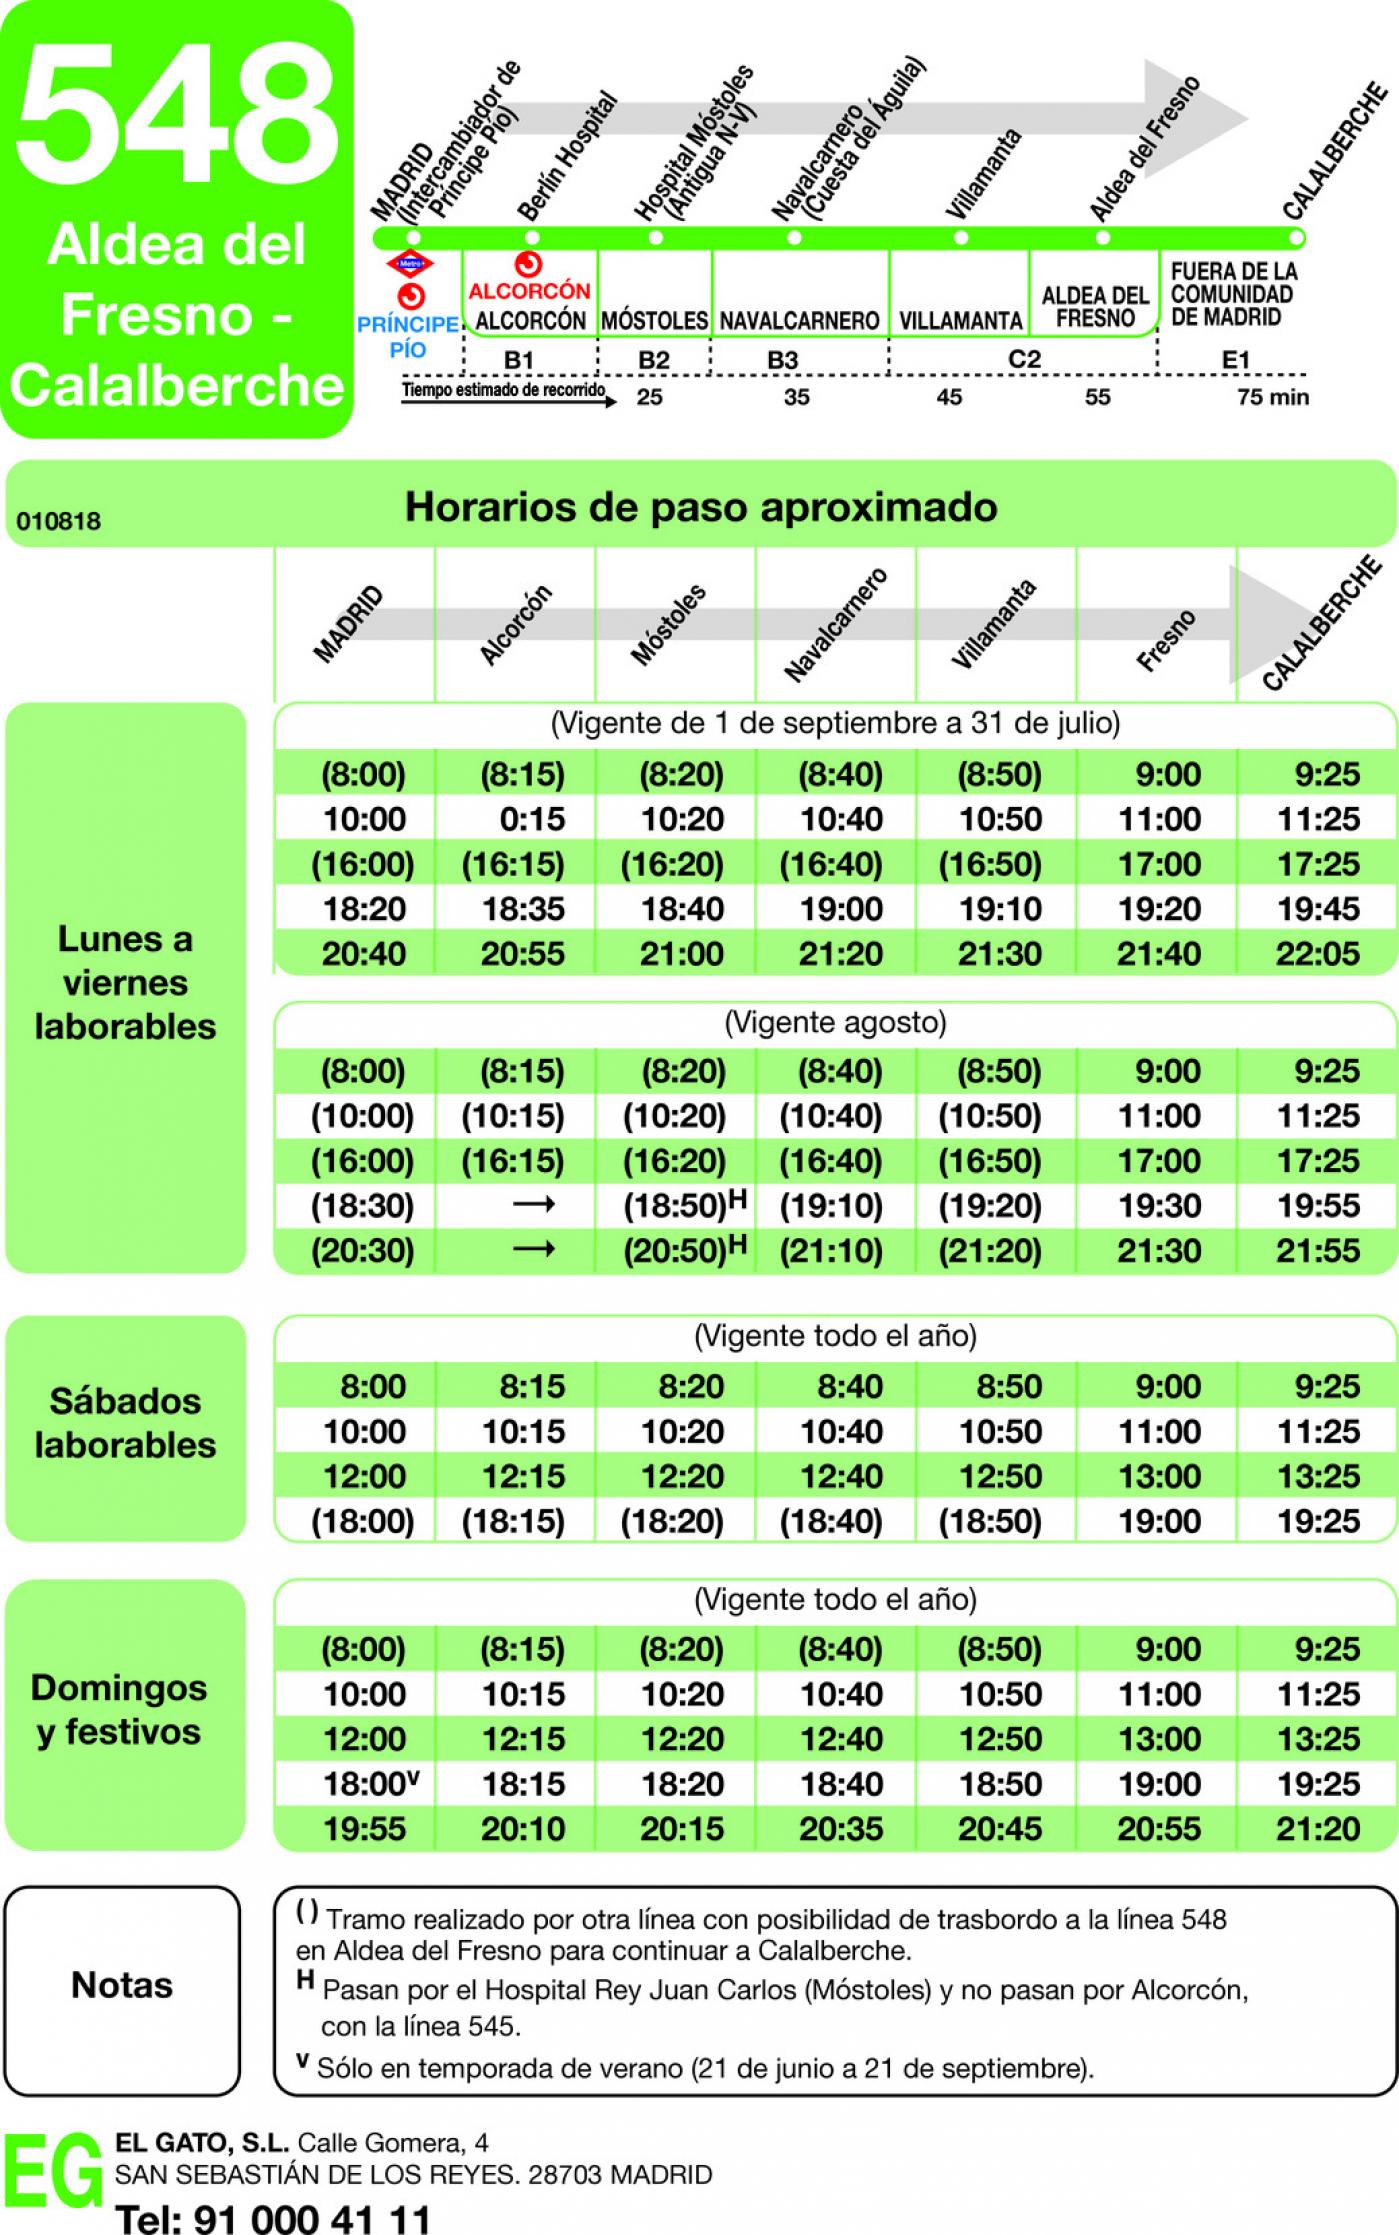 Tabla de horarios y frecuencias de paso en sentido ida Línea 548: Madrid (Príncipe Pío) - Aldea del Fresno - Calalberche